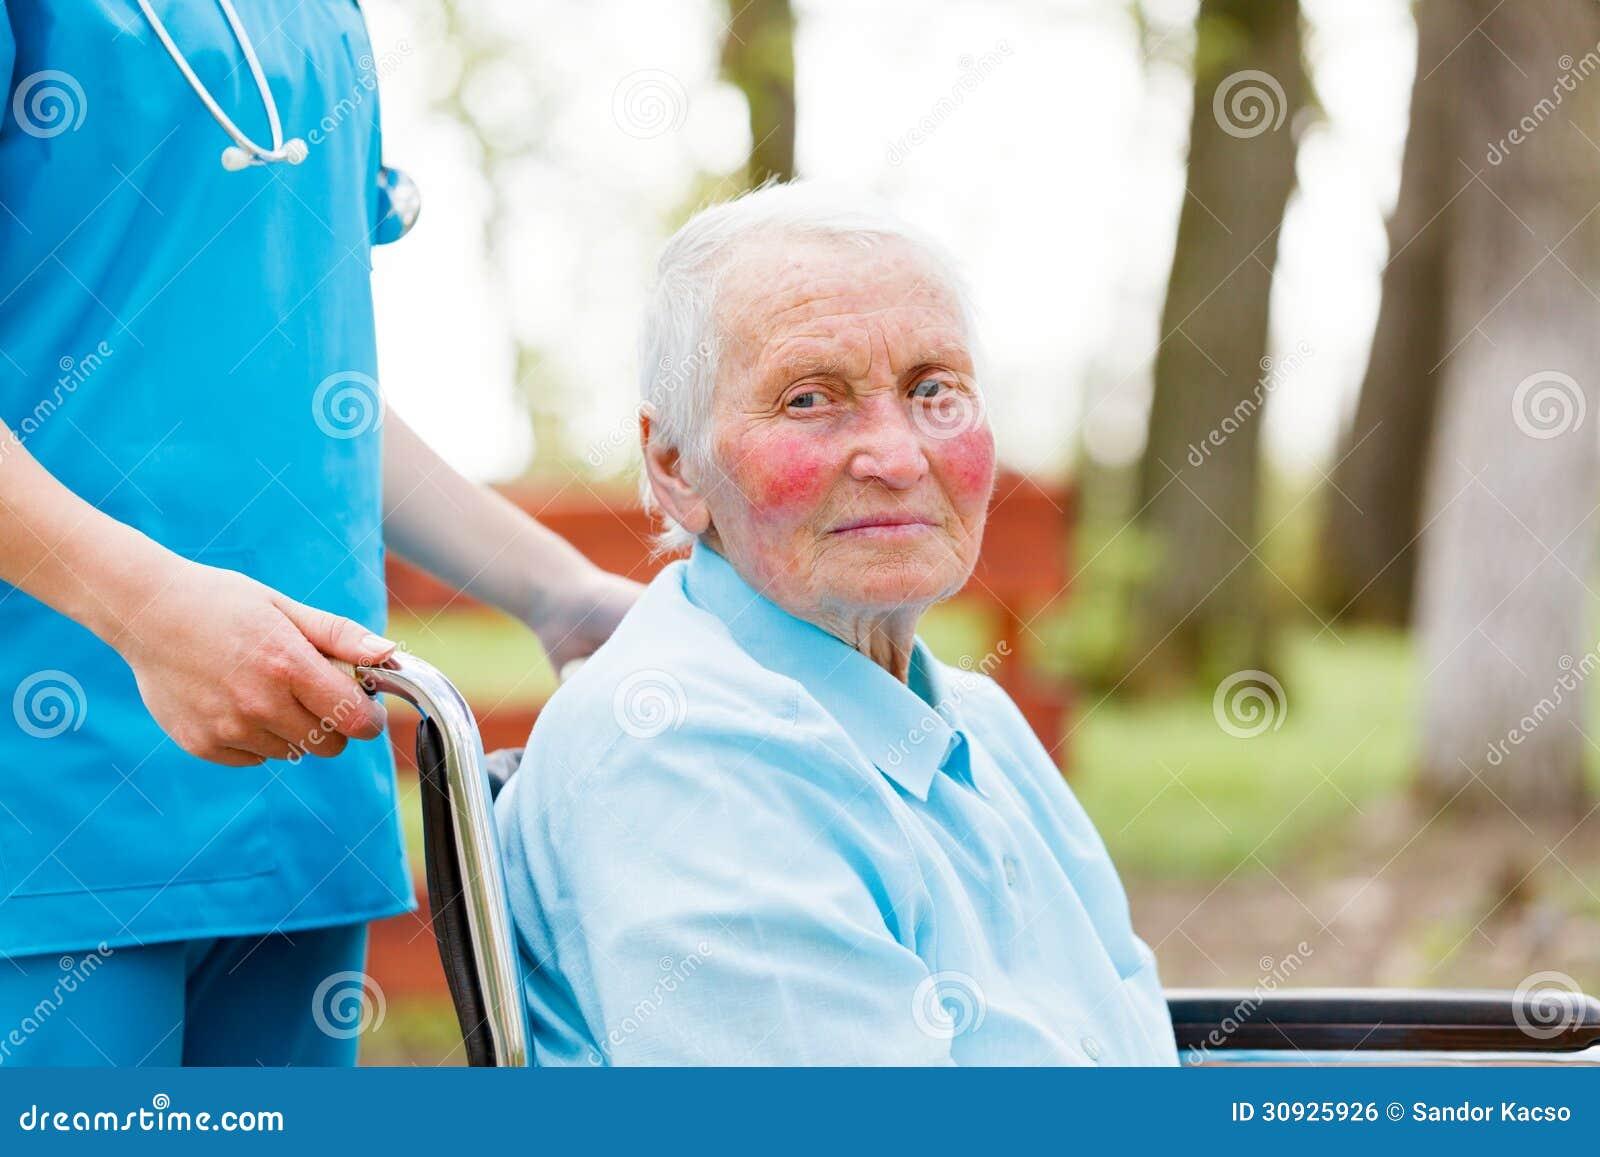 Camminando con una signora anziana in sedia a rotelle for Vecchio in sedia a rotelle